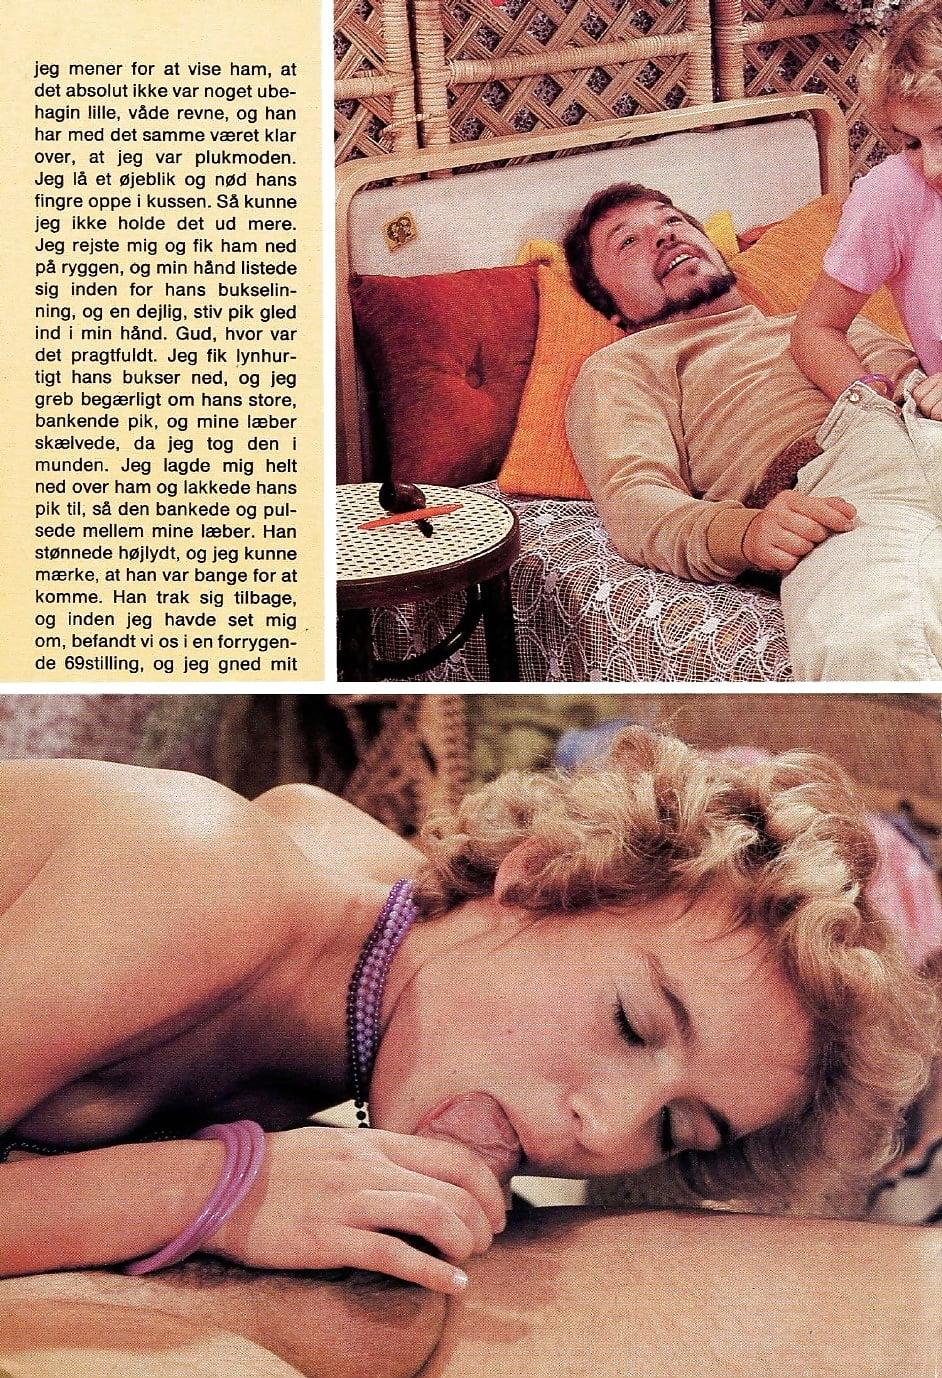 70s porn paradise copenhagen moritz - 3 part 1